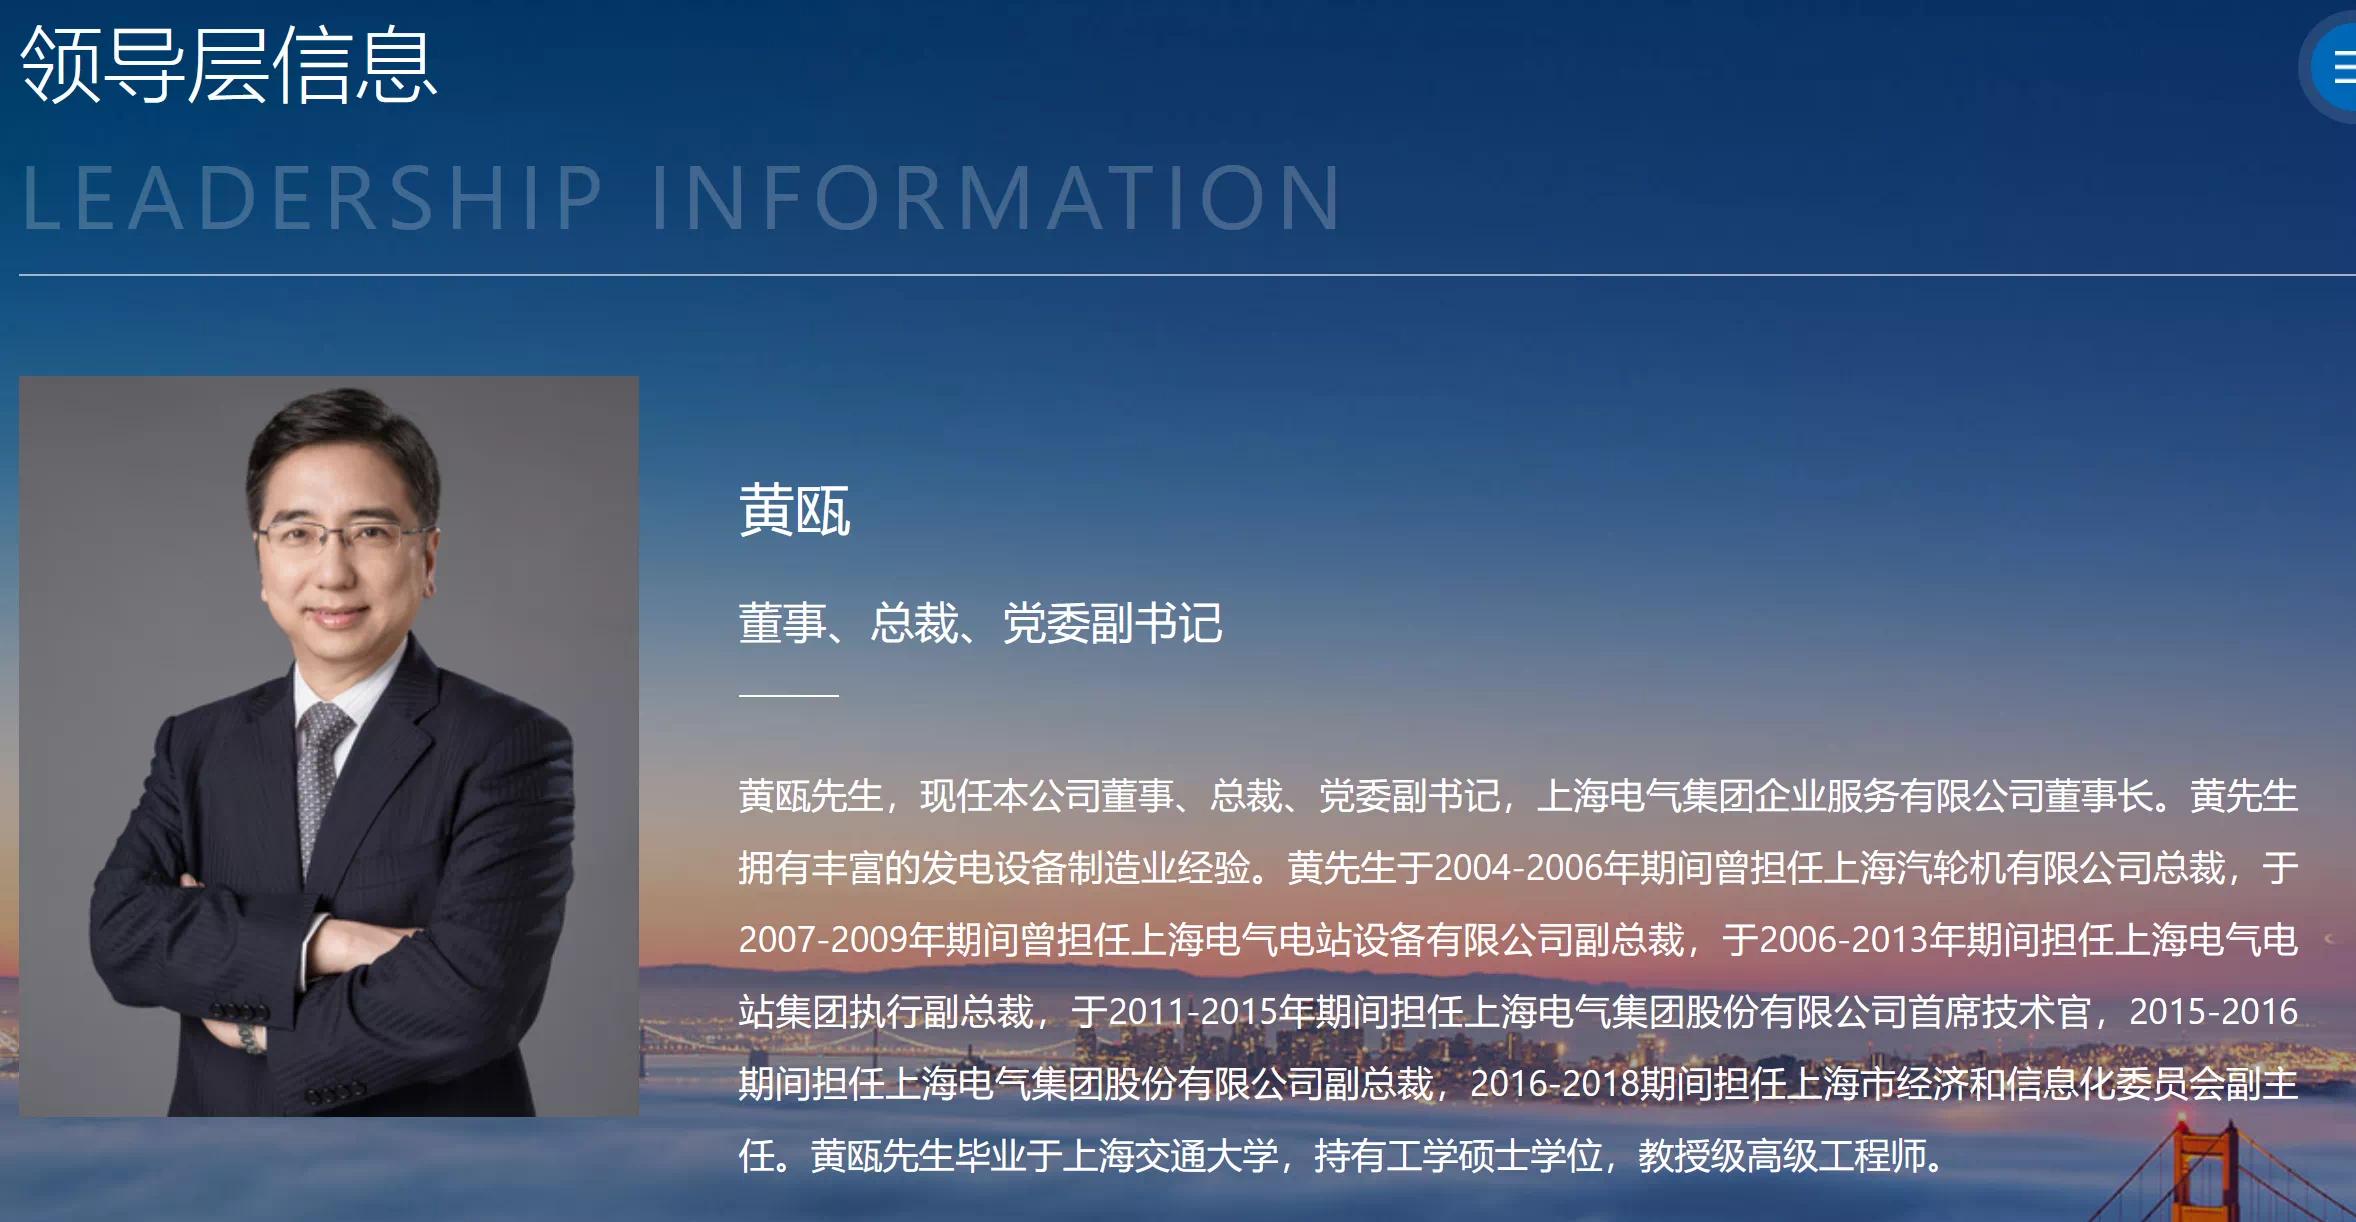 黄瓯死因是什么 上海电气黄瓯是怎么死的